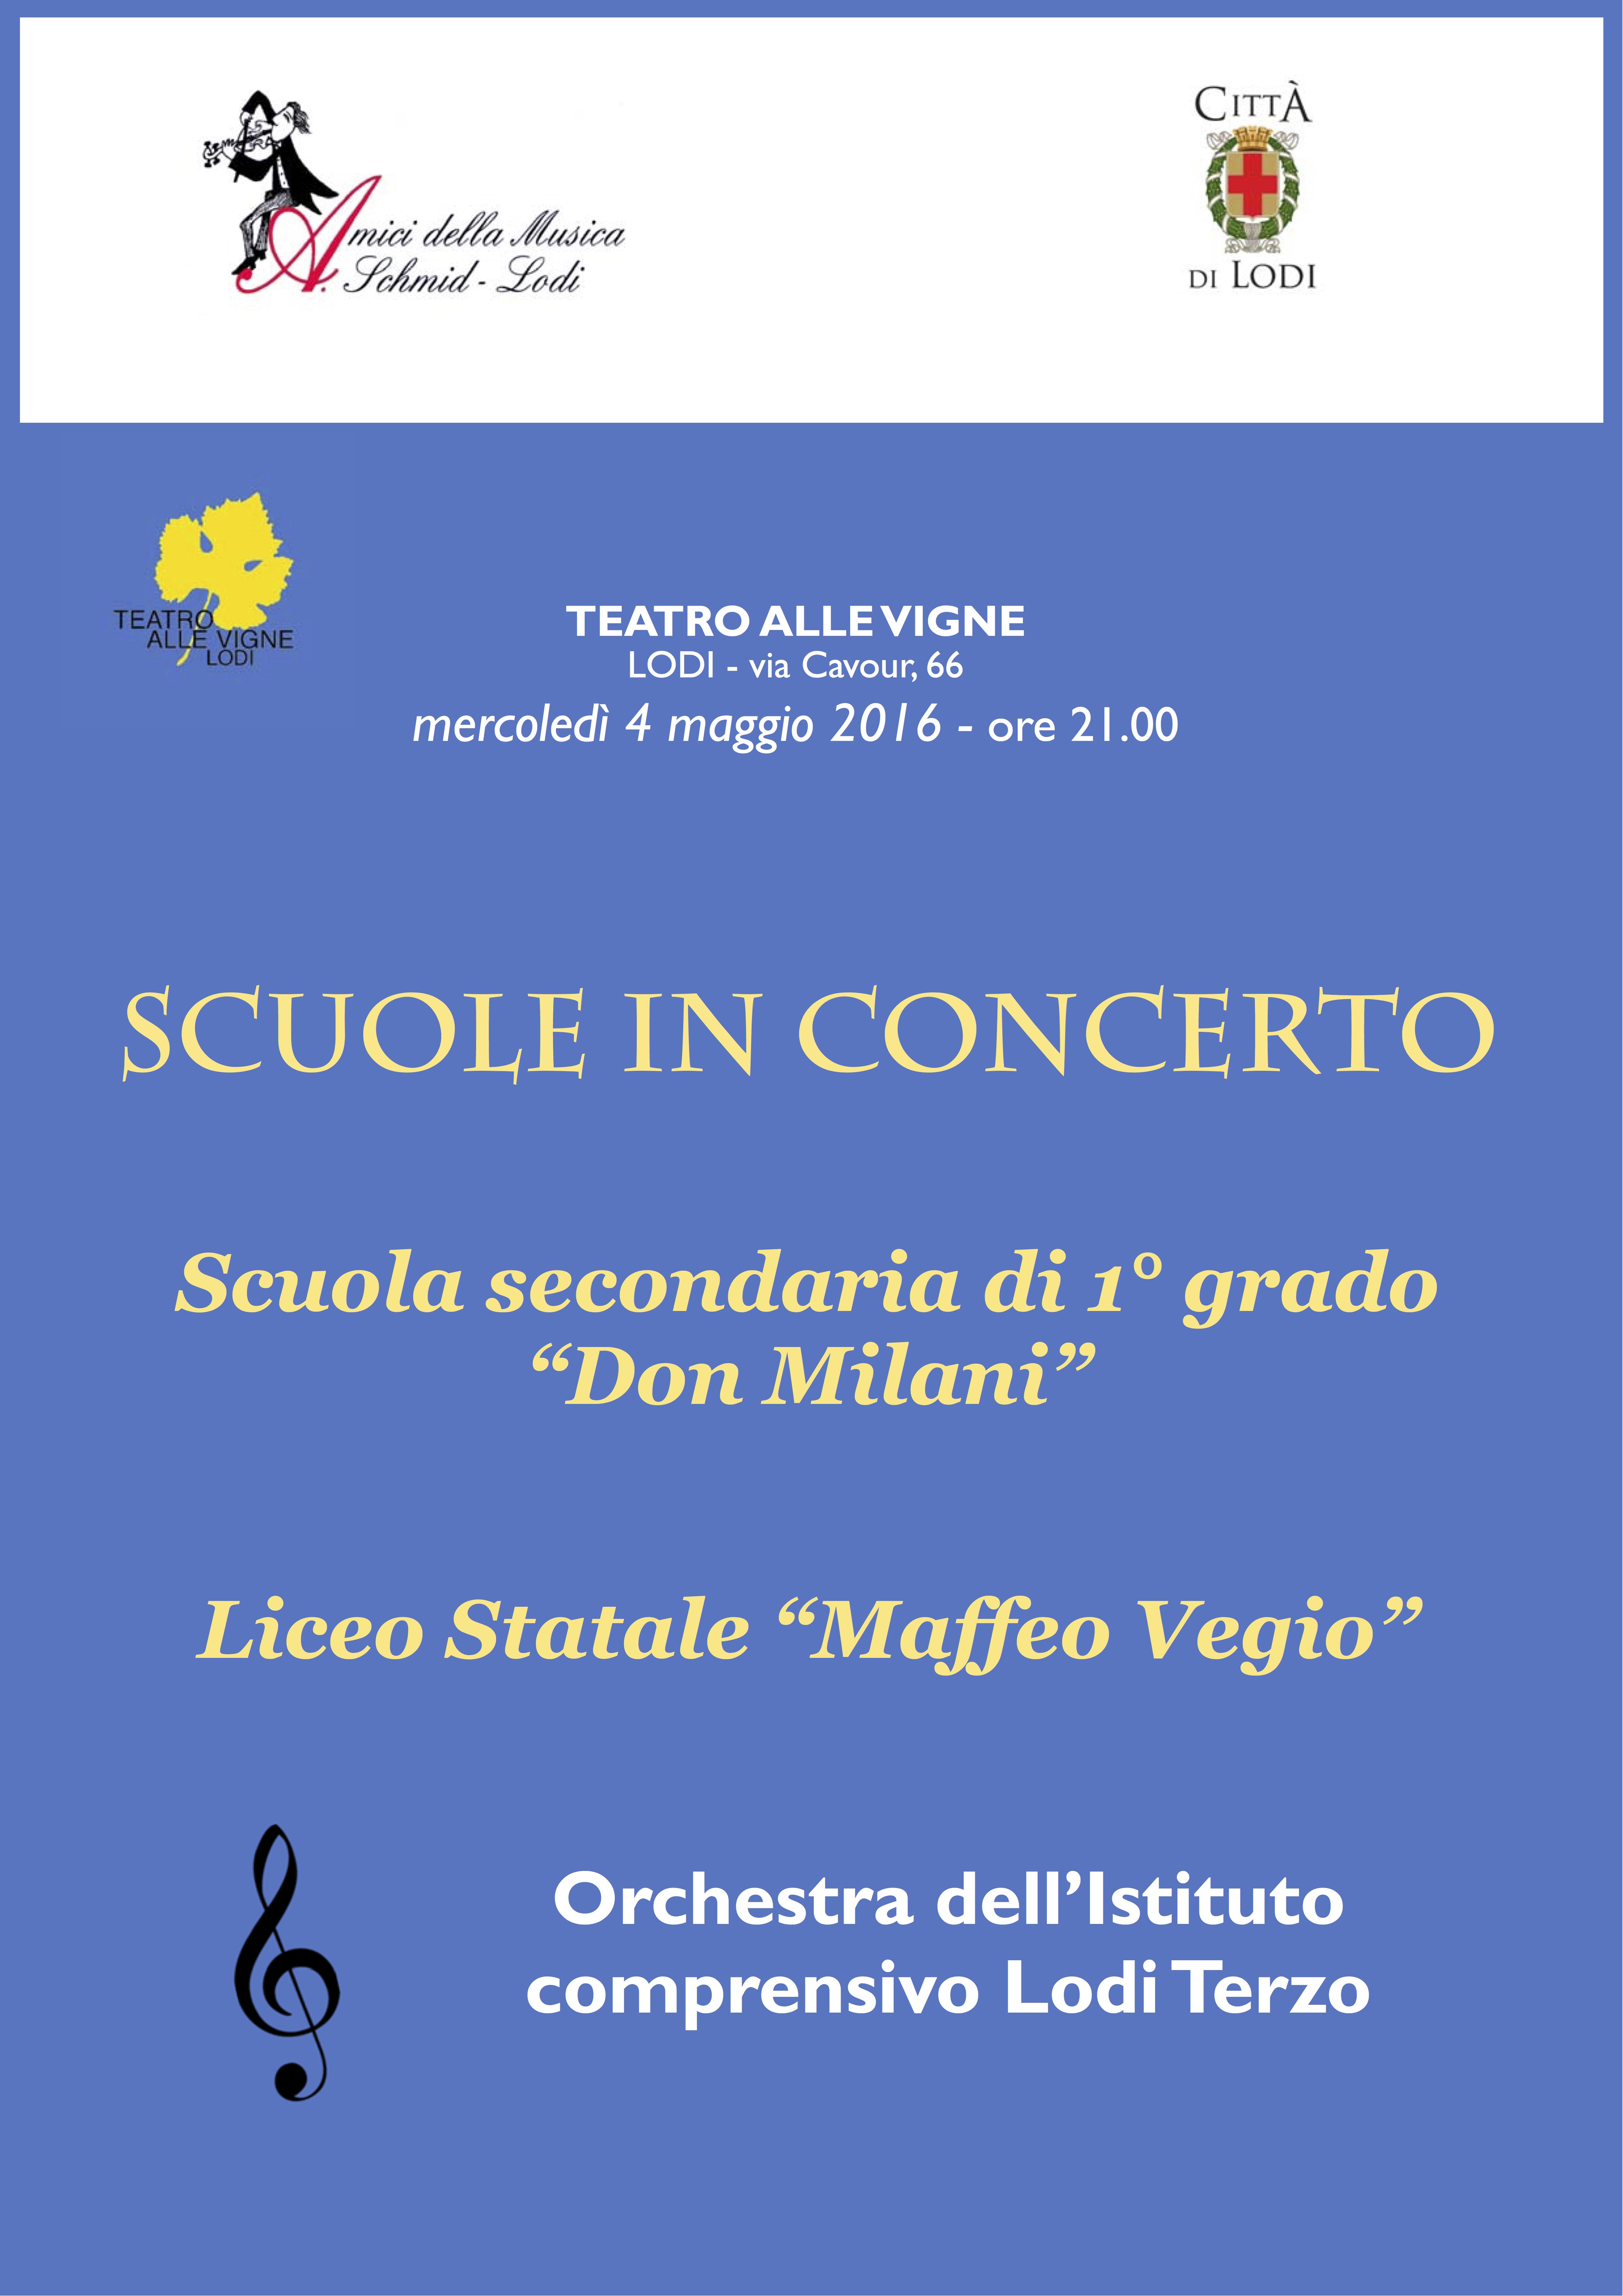 Concerto scuole